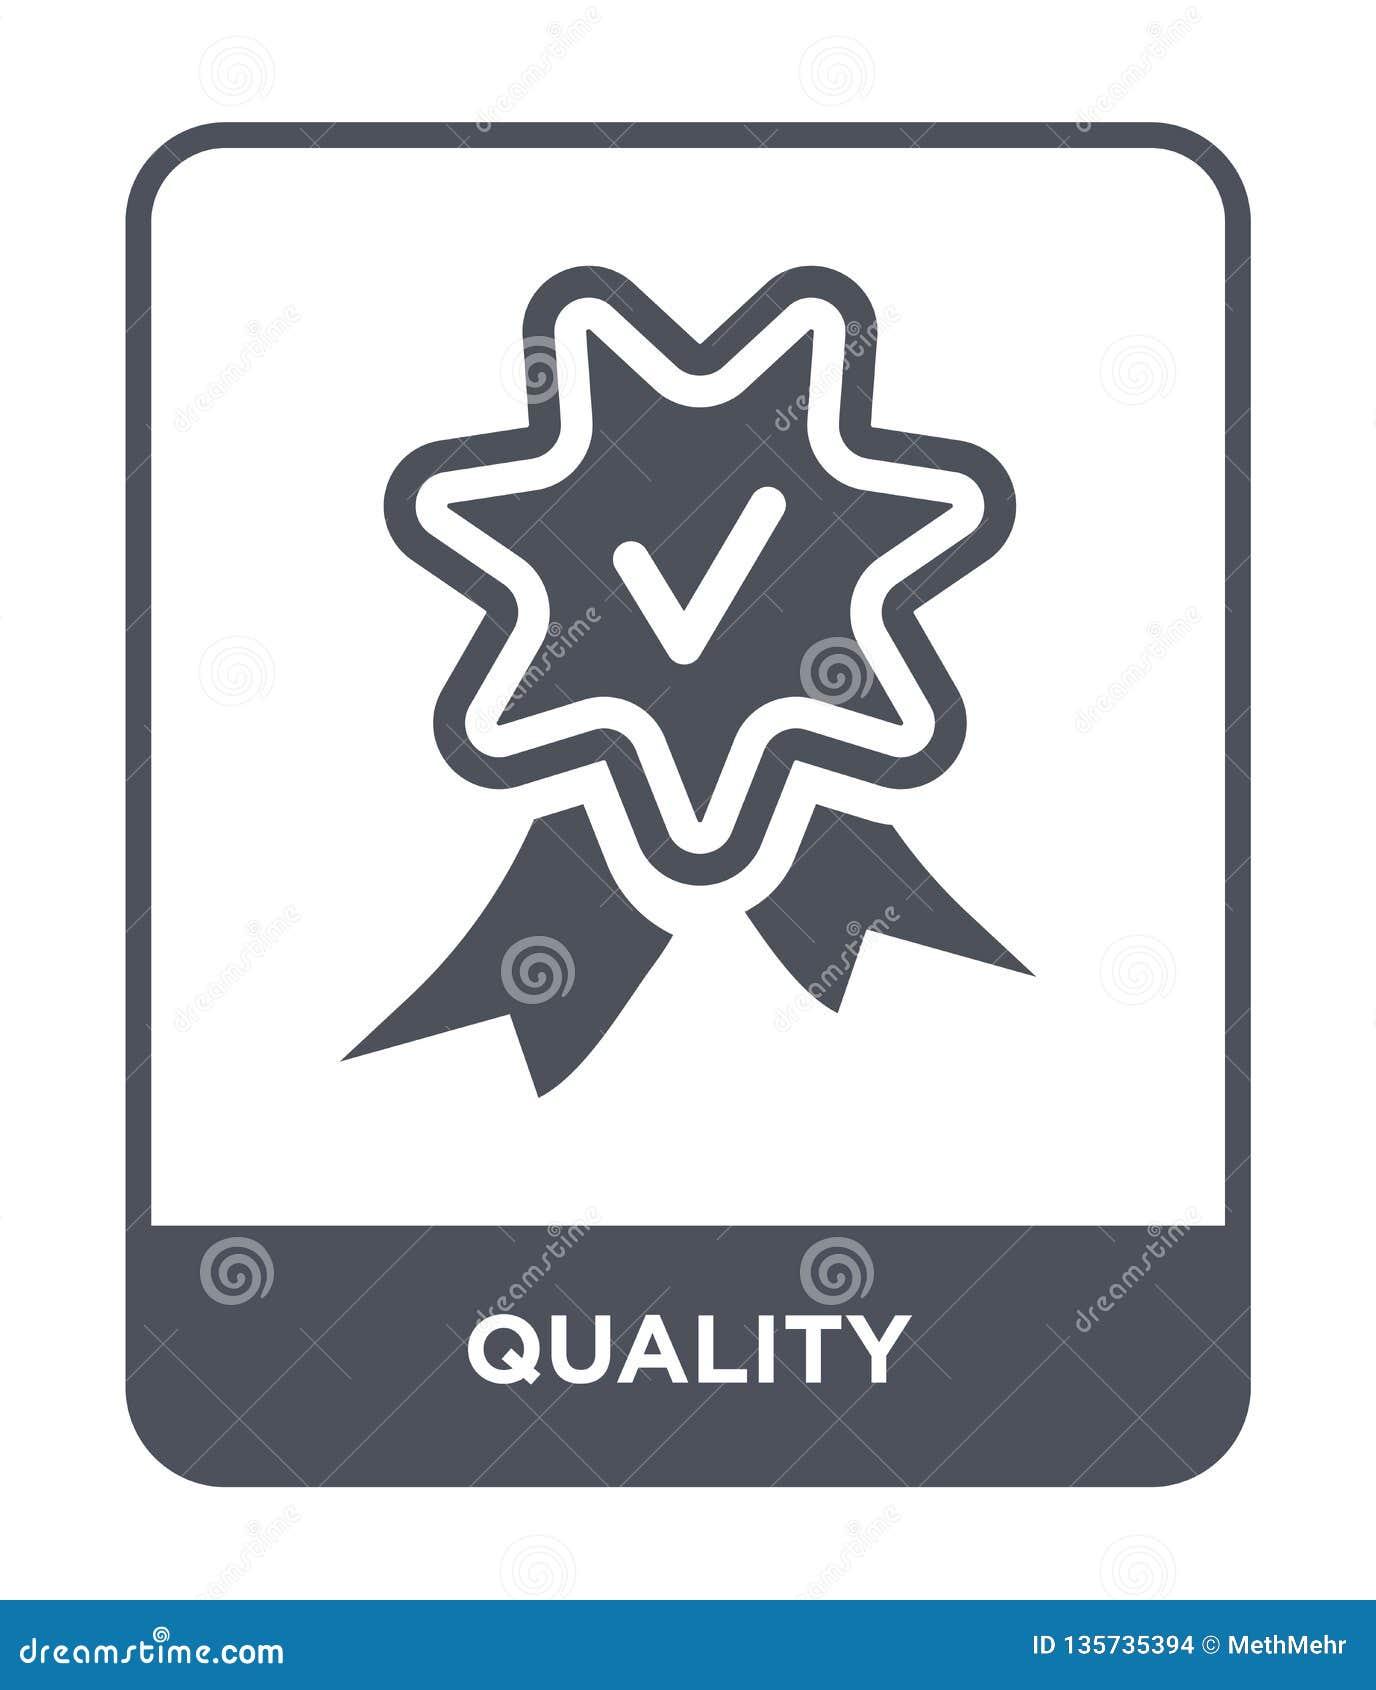 Icono de la calidad en estilo de moda del diseño icono de la calidad aislado en el fondo blanco símbolo plano simple y moderno de